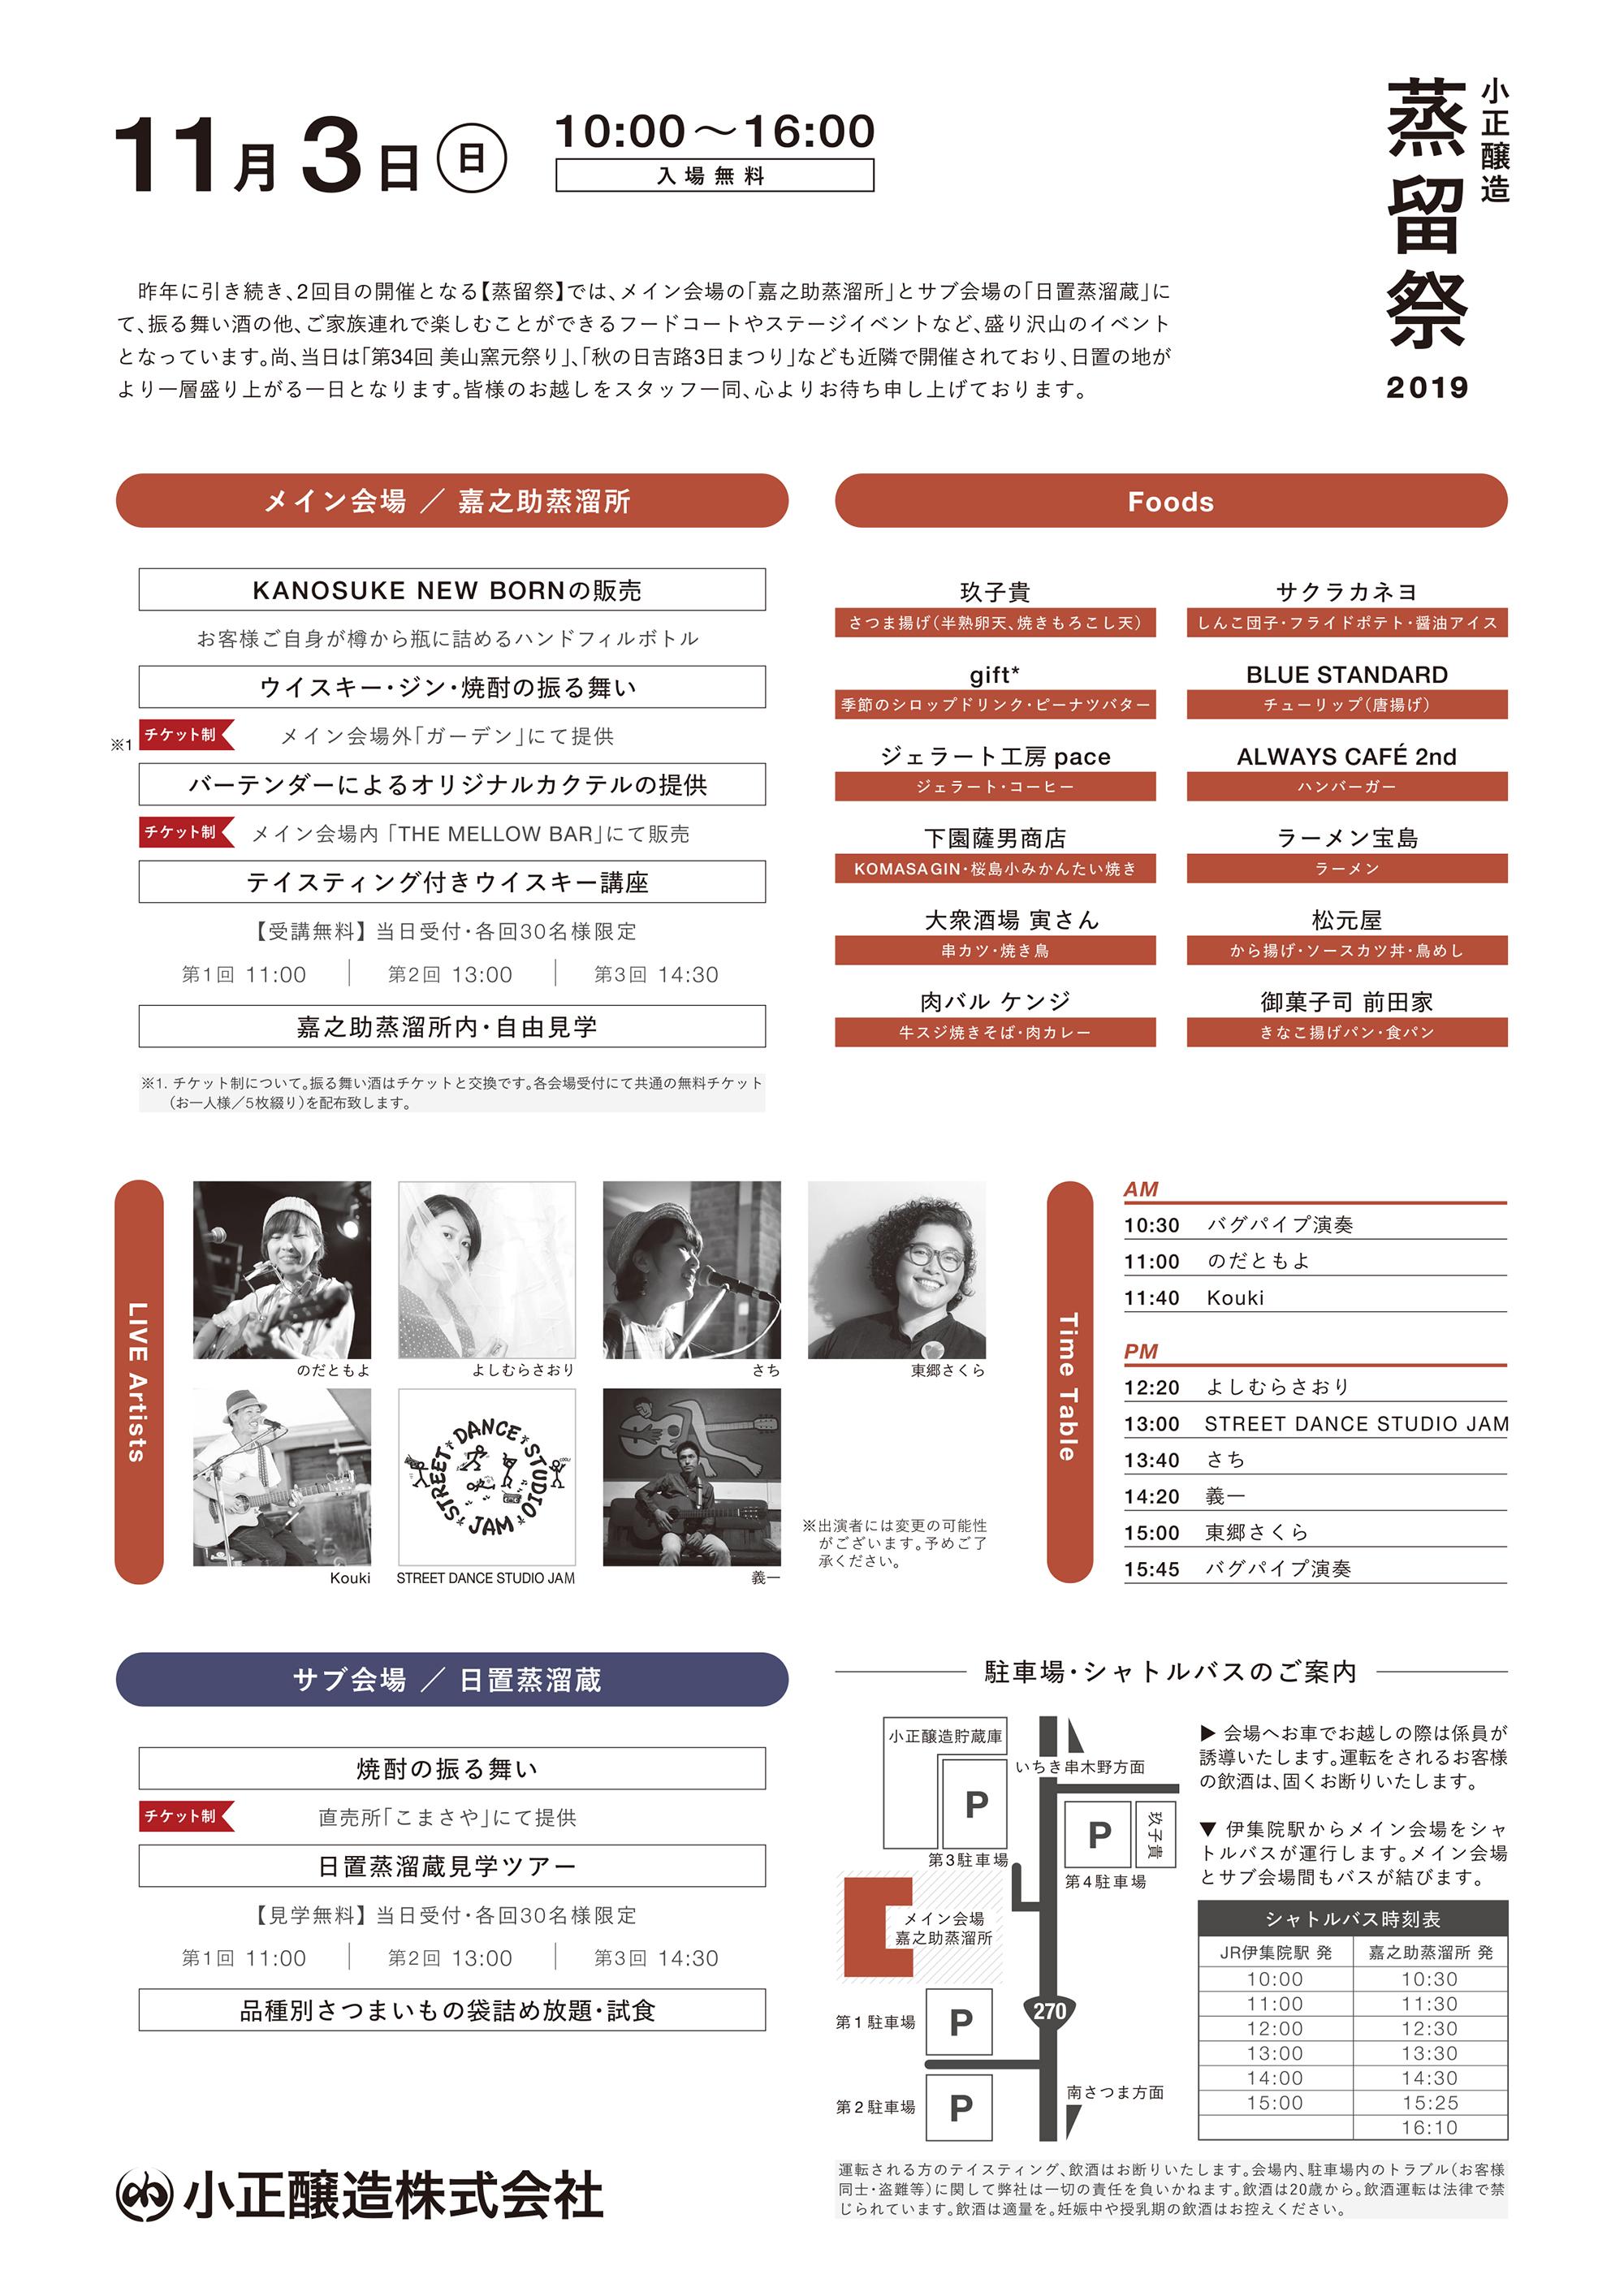 小正醸造 蒸留祭 2019